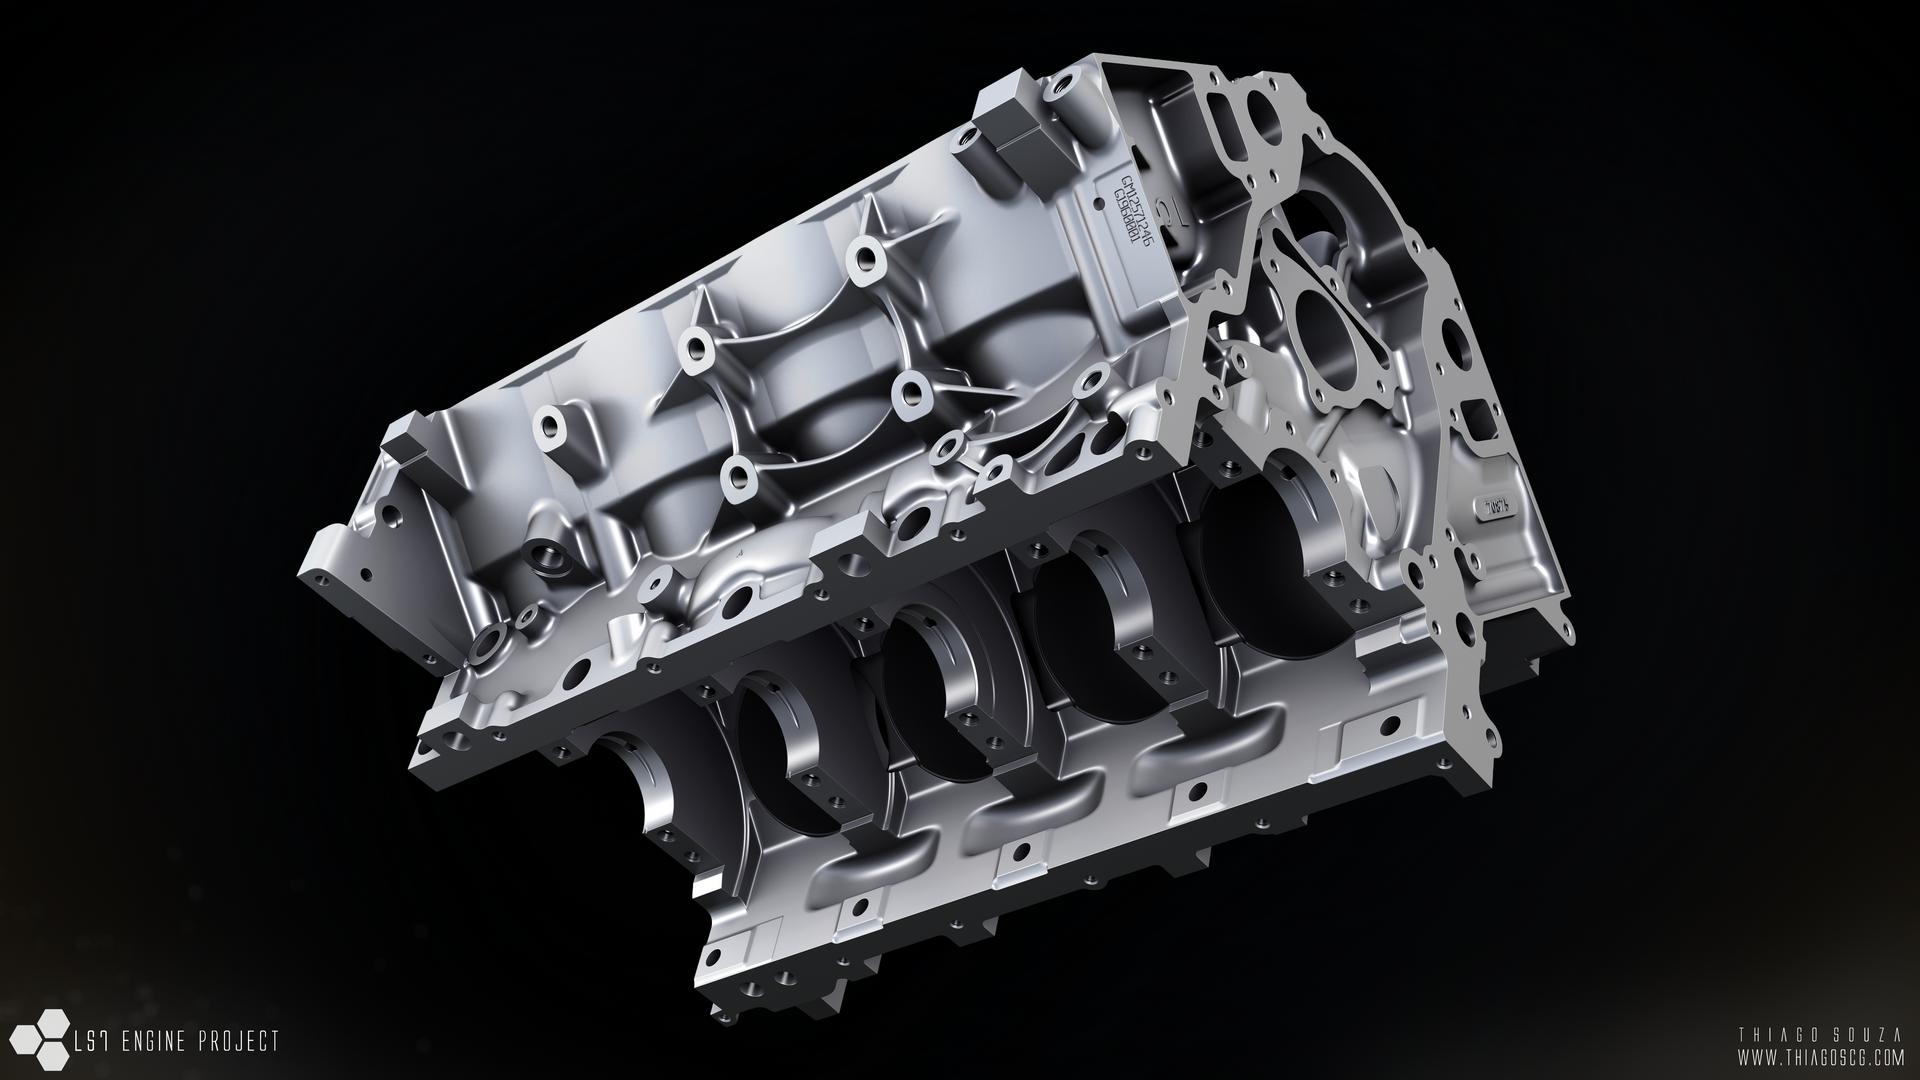 v8 engine blueprints - photo #39